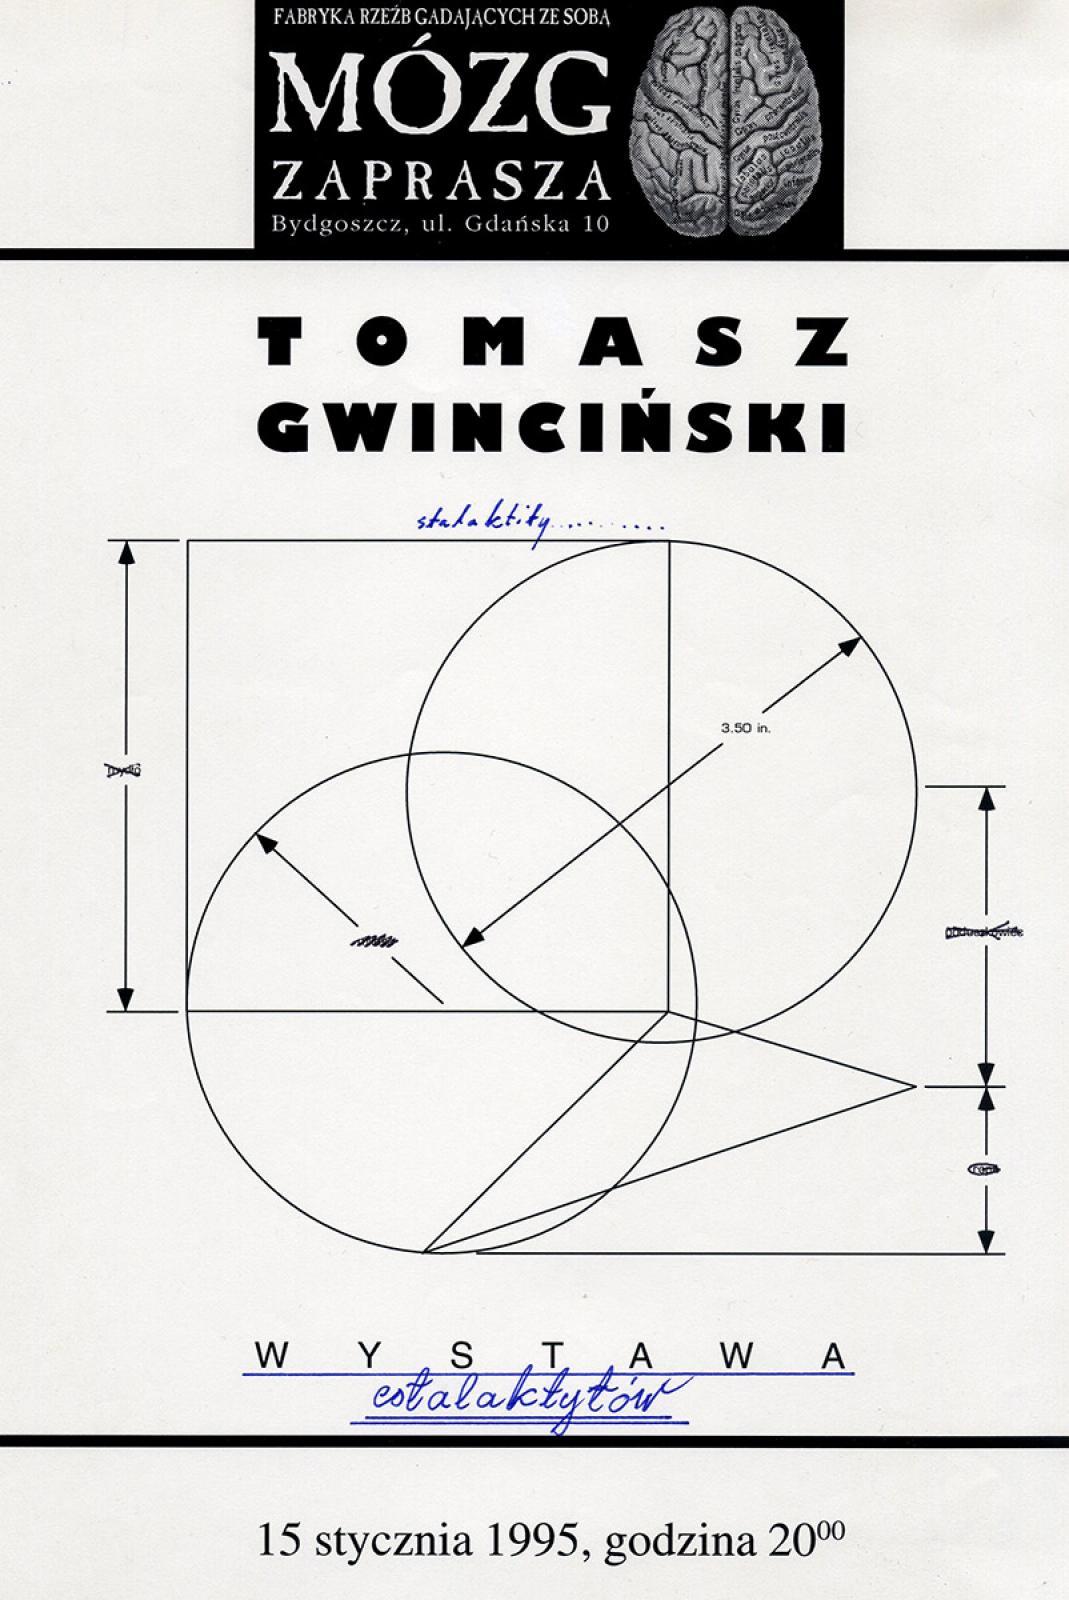 """Tomasz Gwinciński """"Stalaktity"""" - wystawa"""